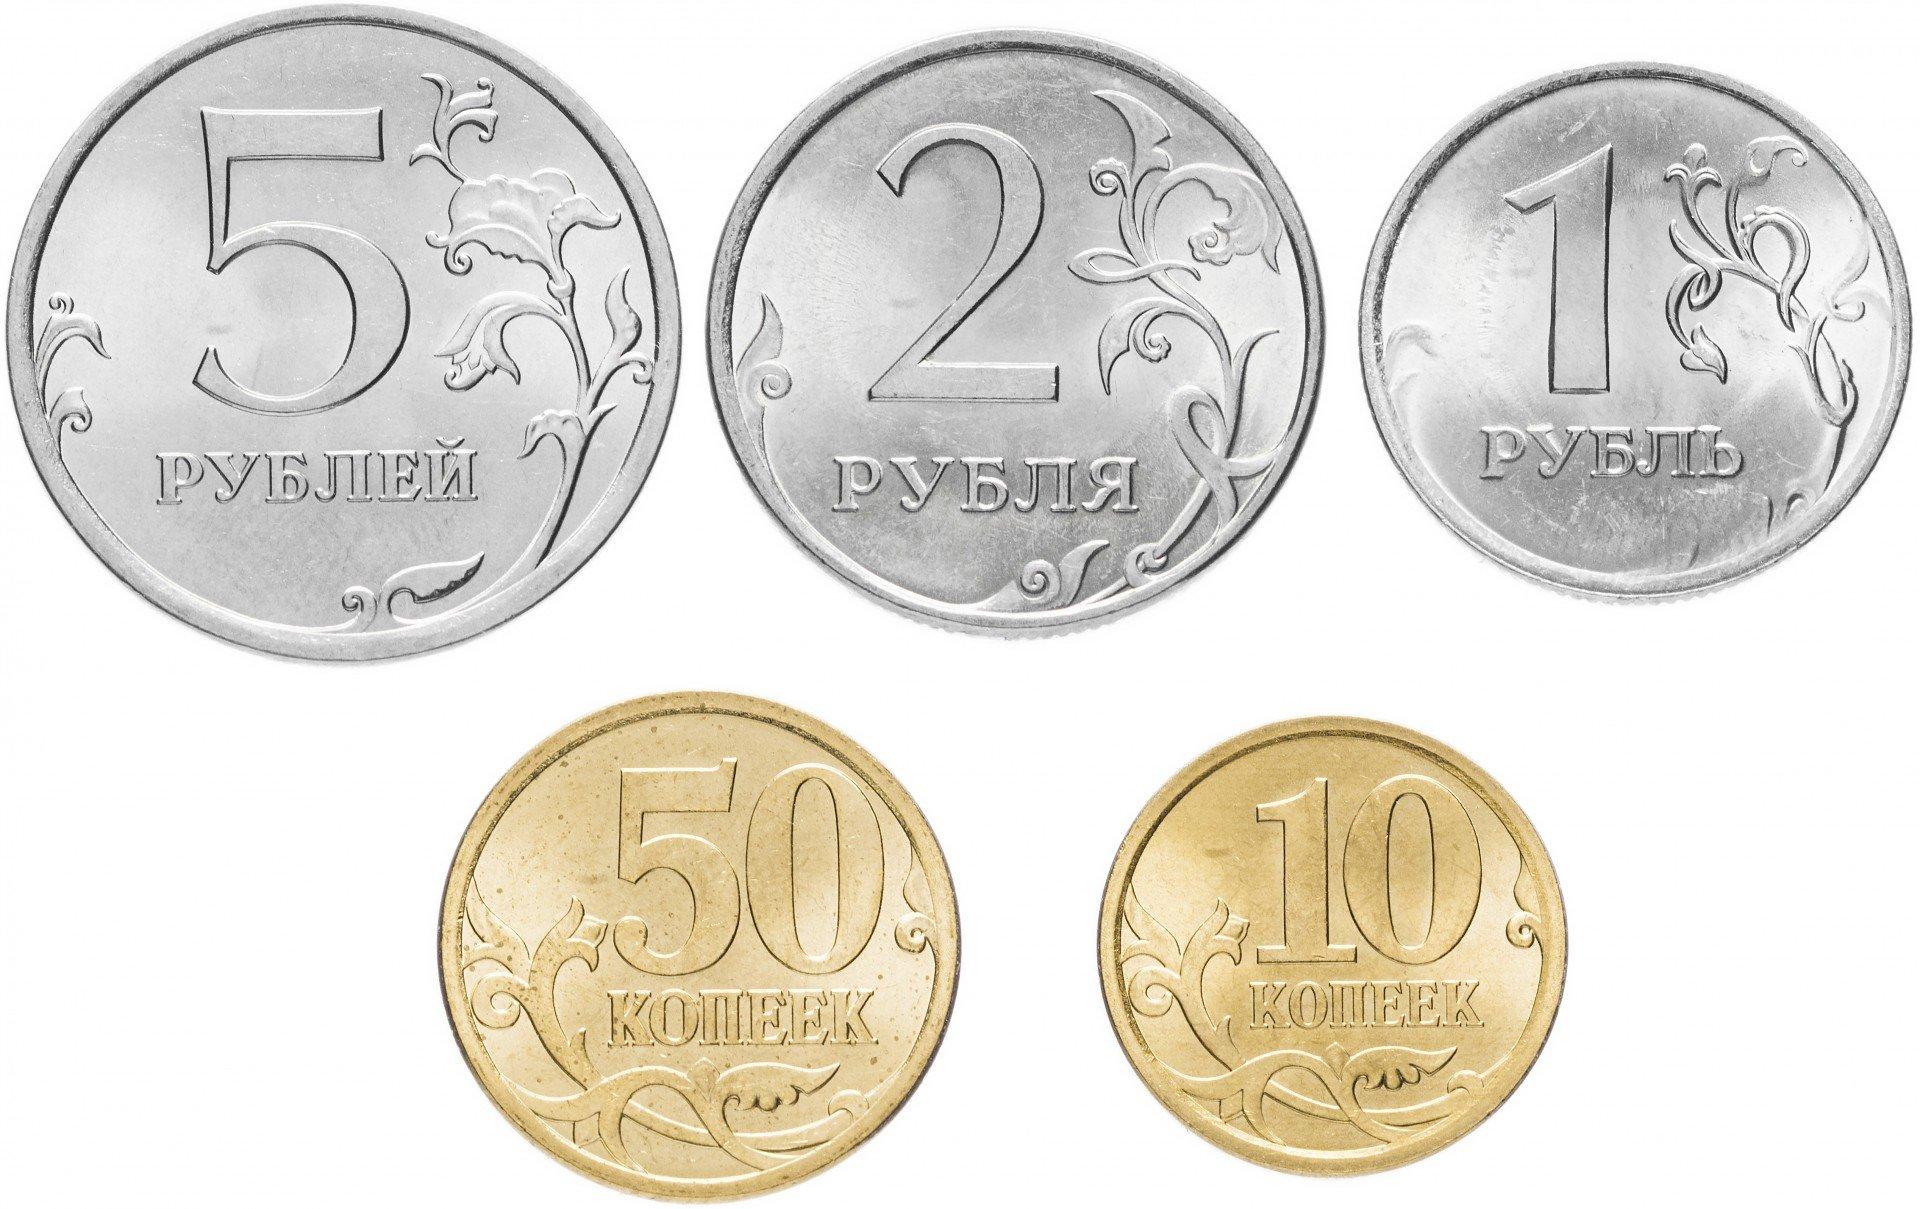 Купить наборы монет спдм сертифікат на суму компенсації грошових заощаджень 2000000